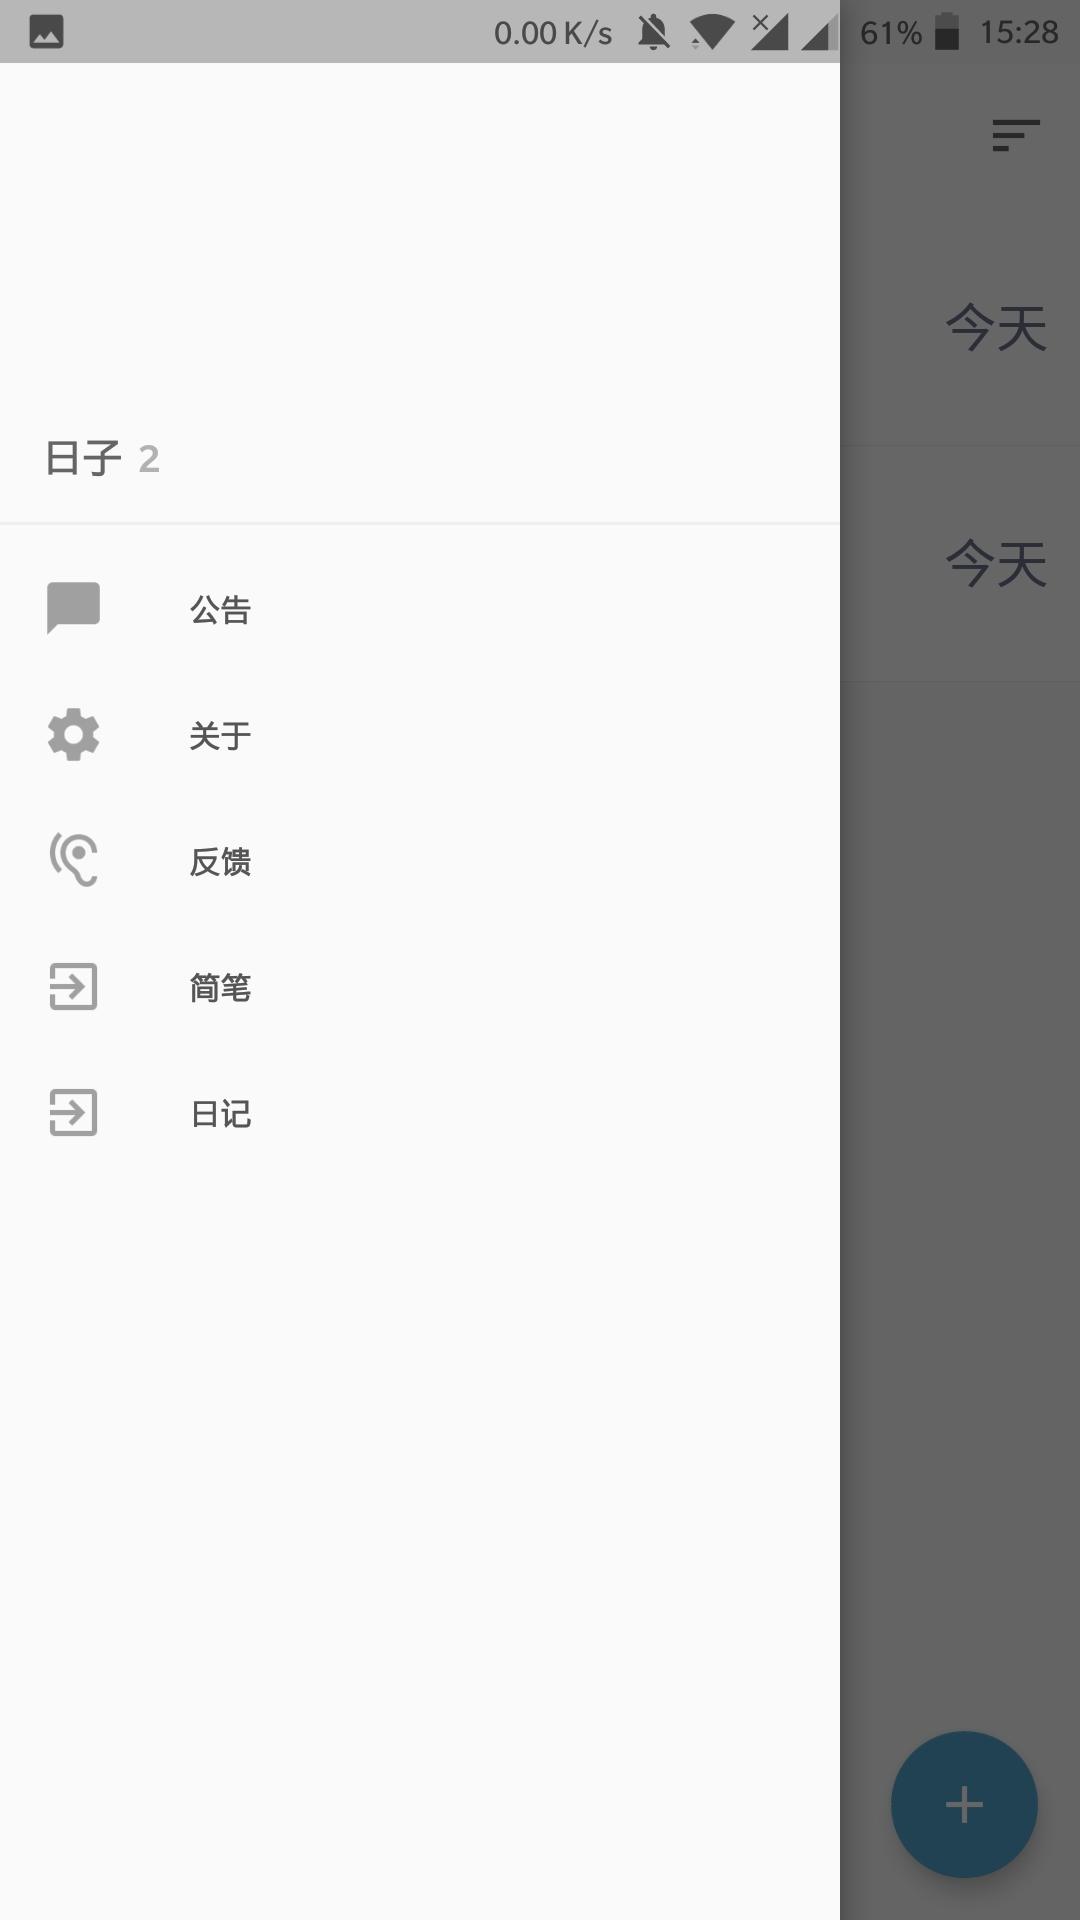 Screenshot_20180502-152814.jpg